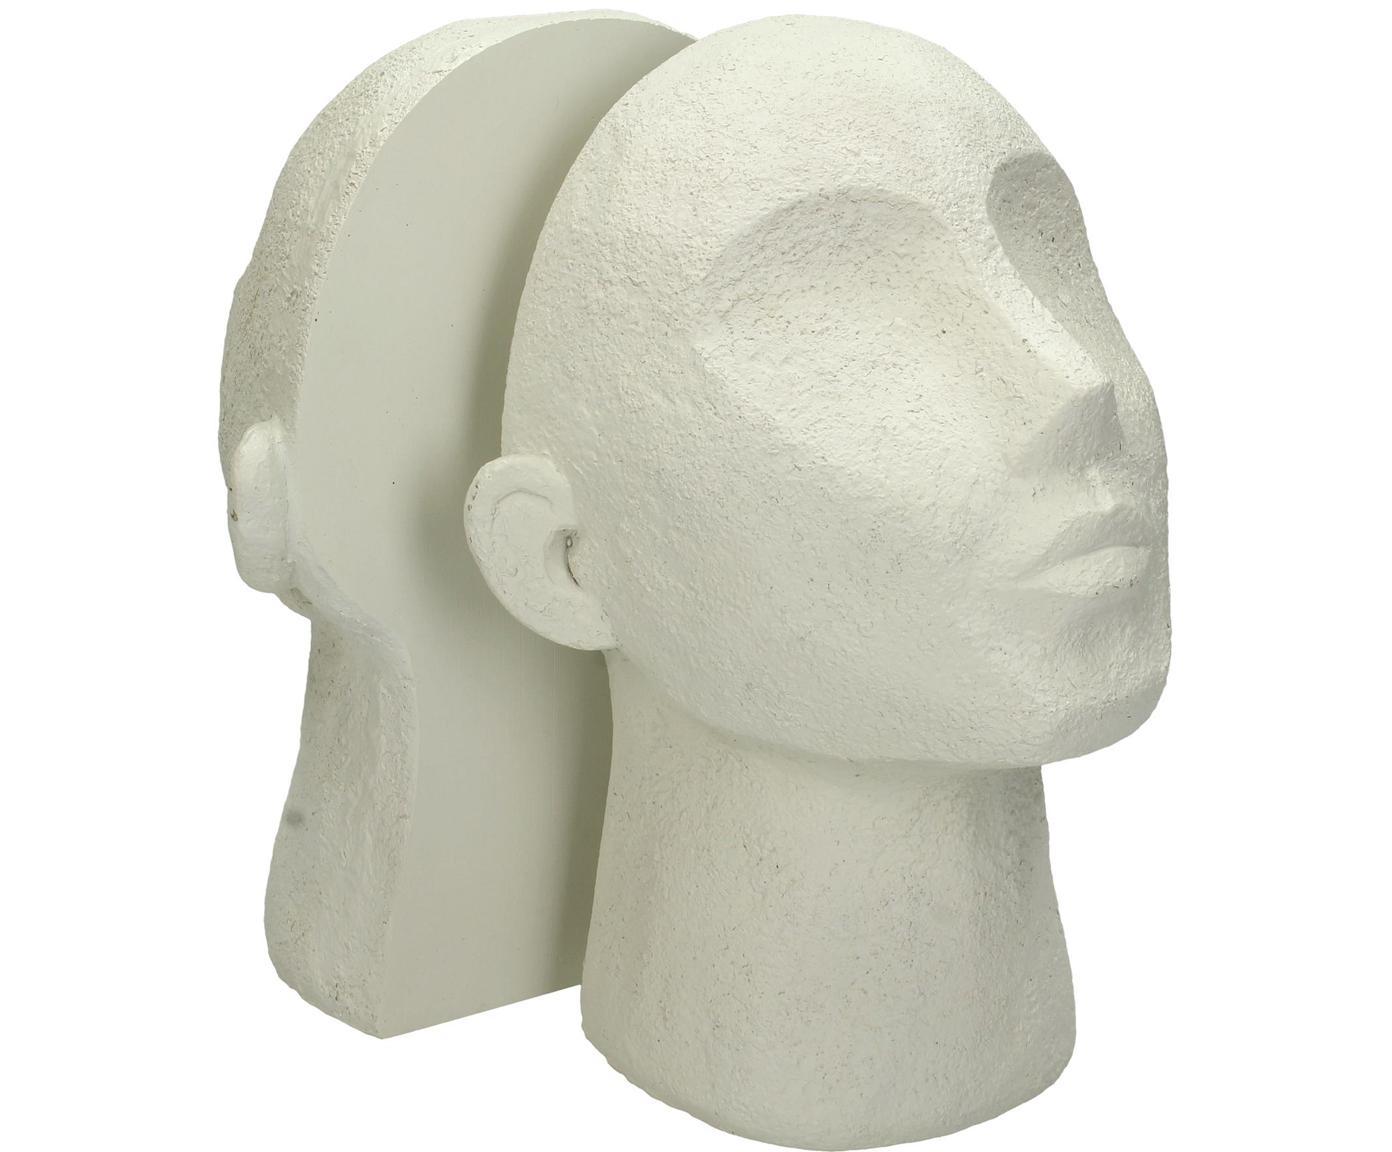 Boekensteunen Head, 2 stuks, Polyresin, Gebroken wit, 23 x 32 cm